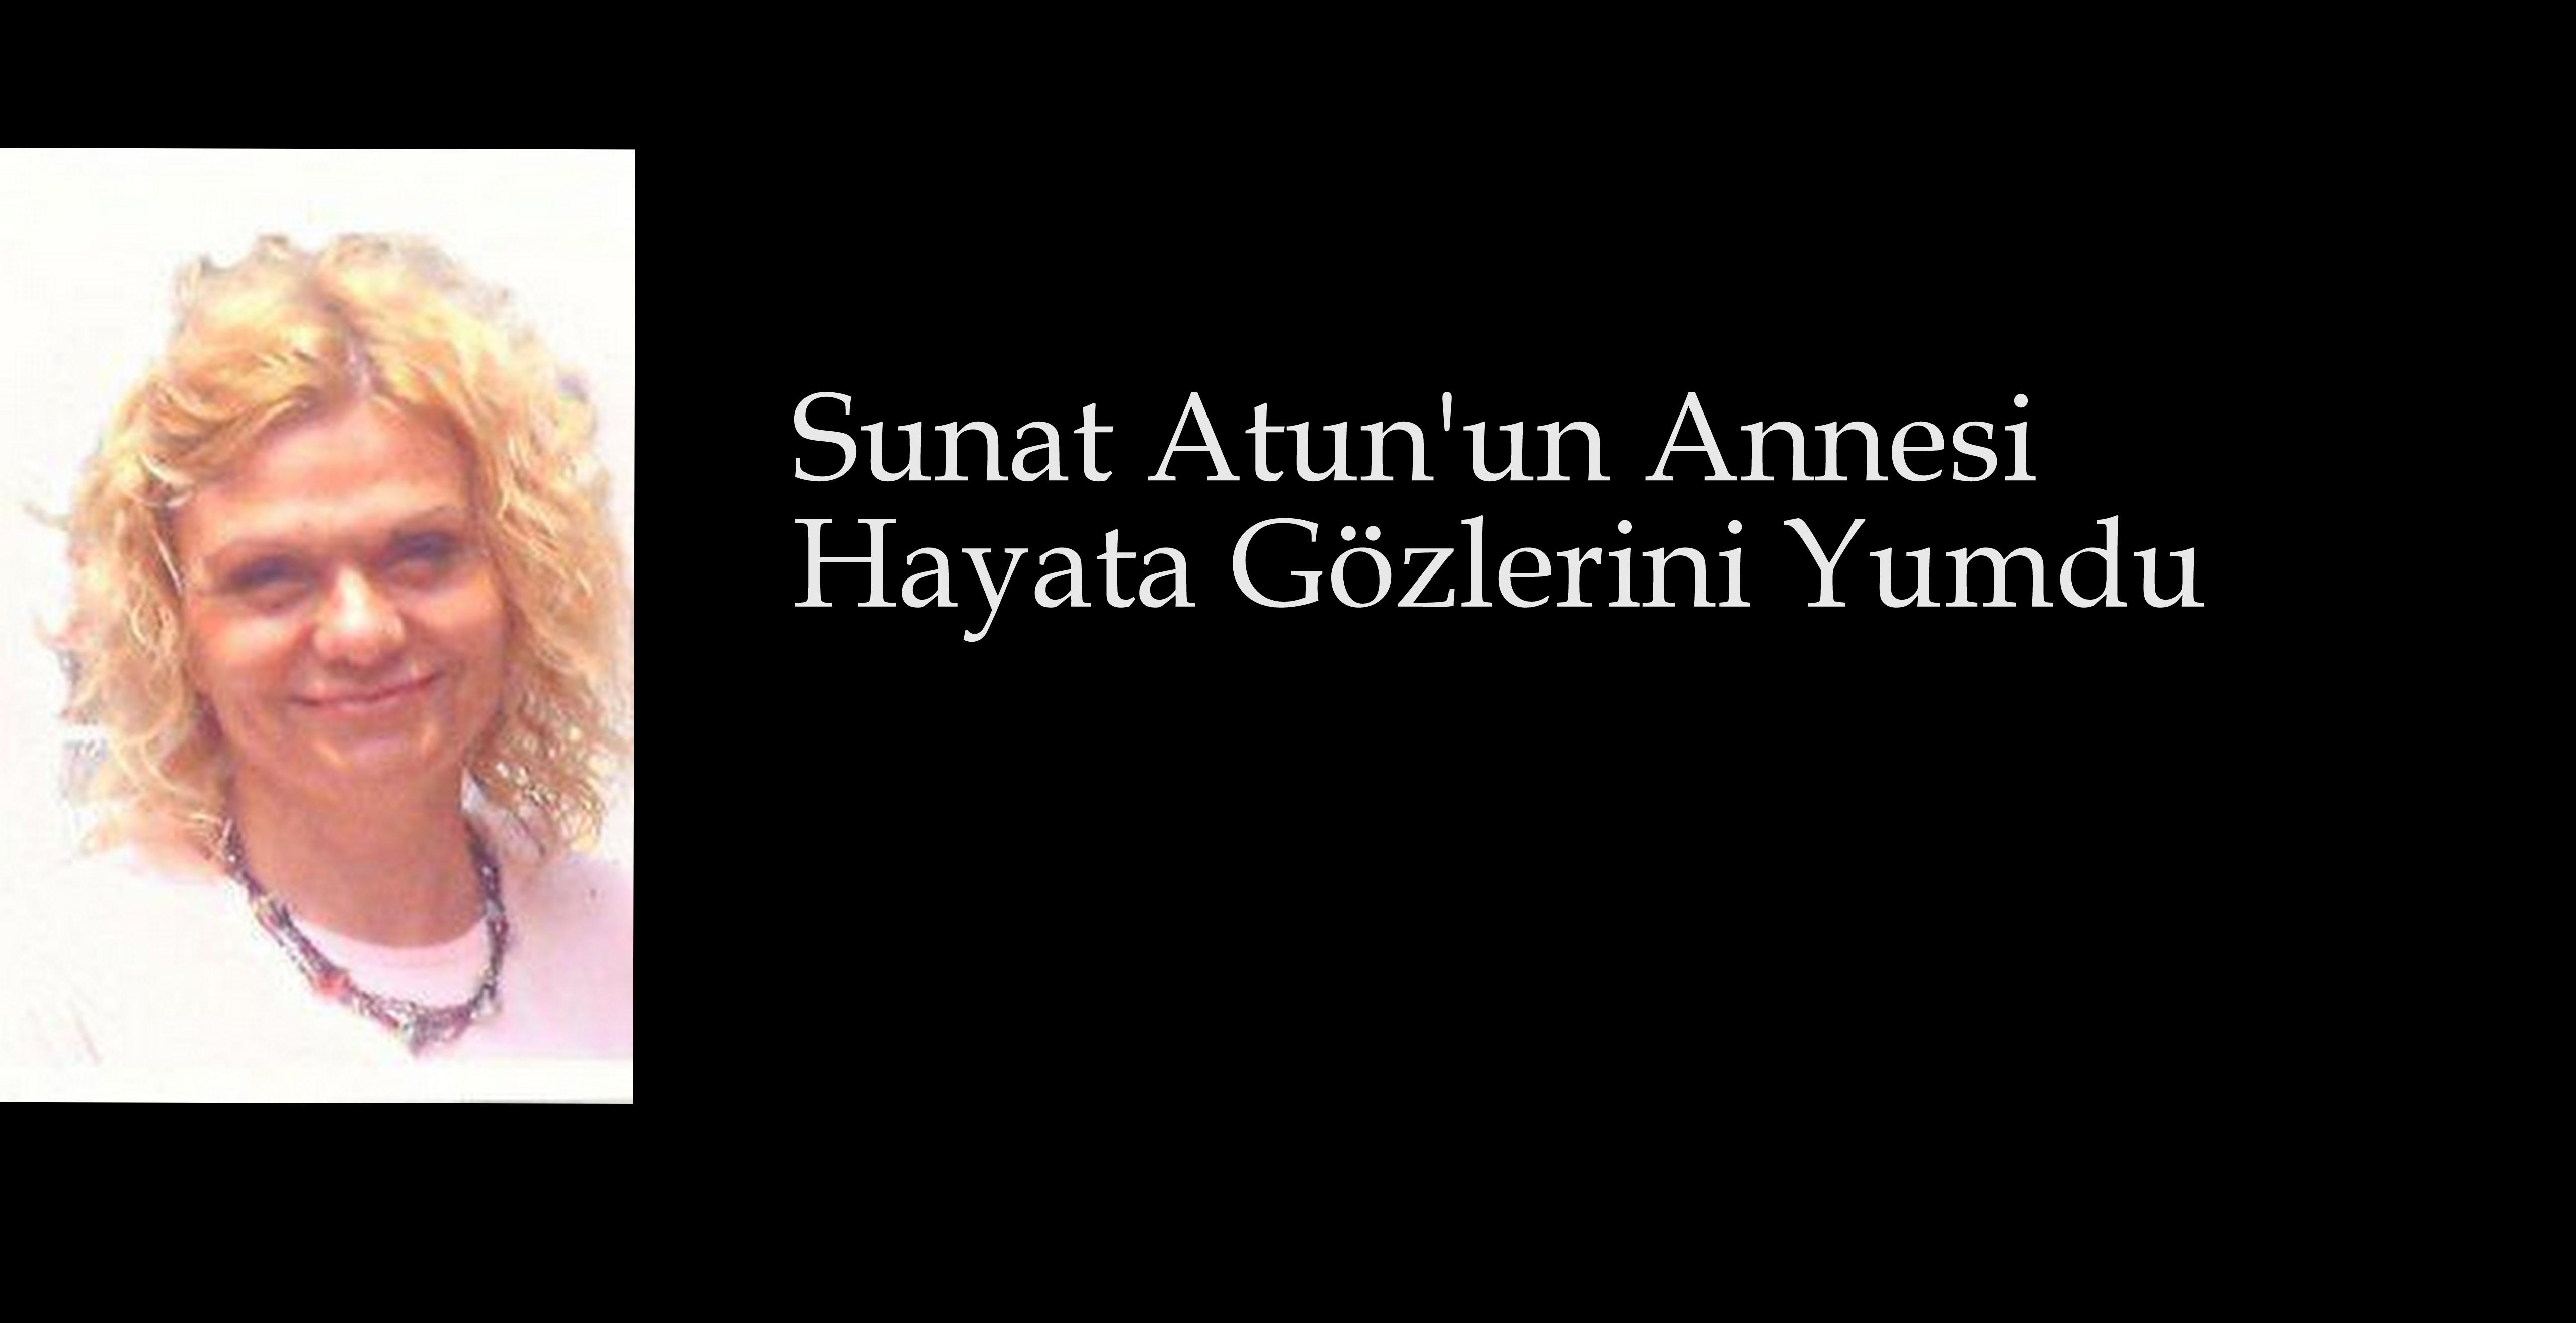 SUNAT ATUN'UN ANNESİ HAYATA GÖZLERİNİ YUMDU